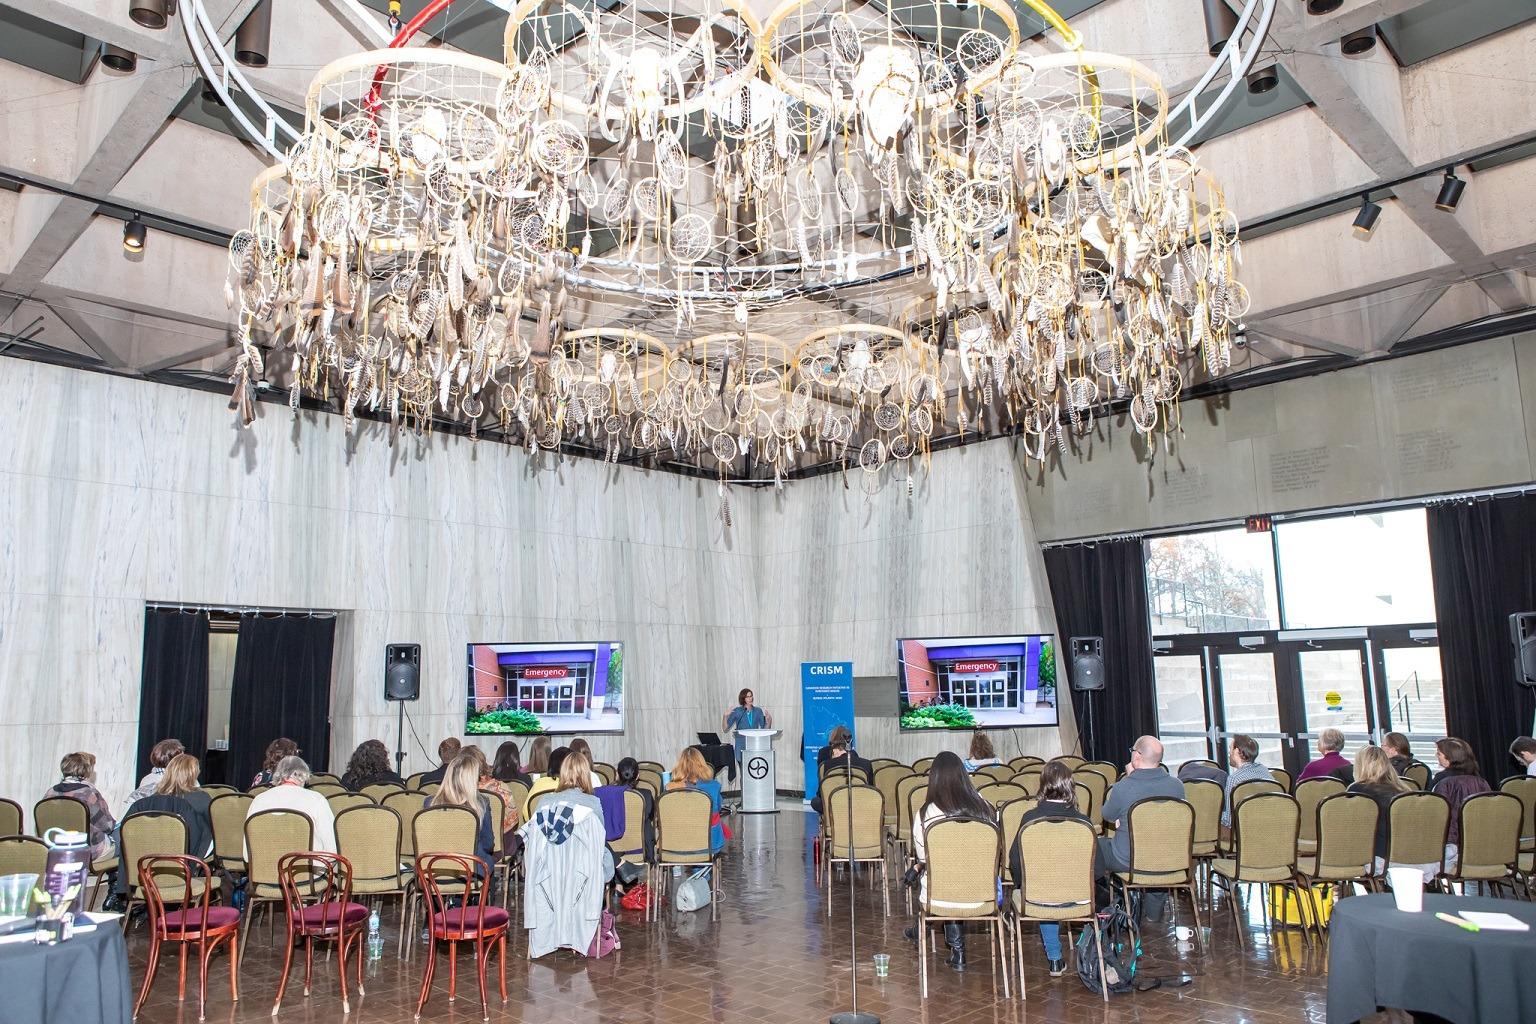 une-vingtaine-de-personnes-assises-dan-une-salle-de-conference